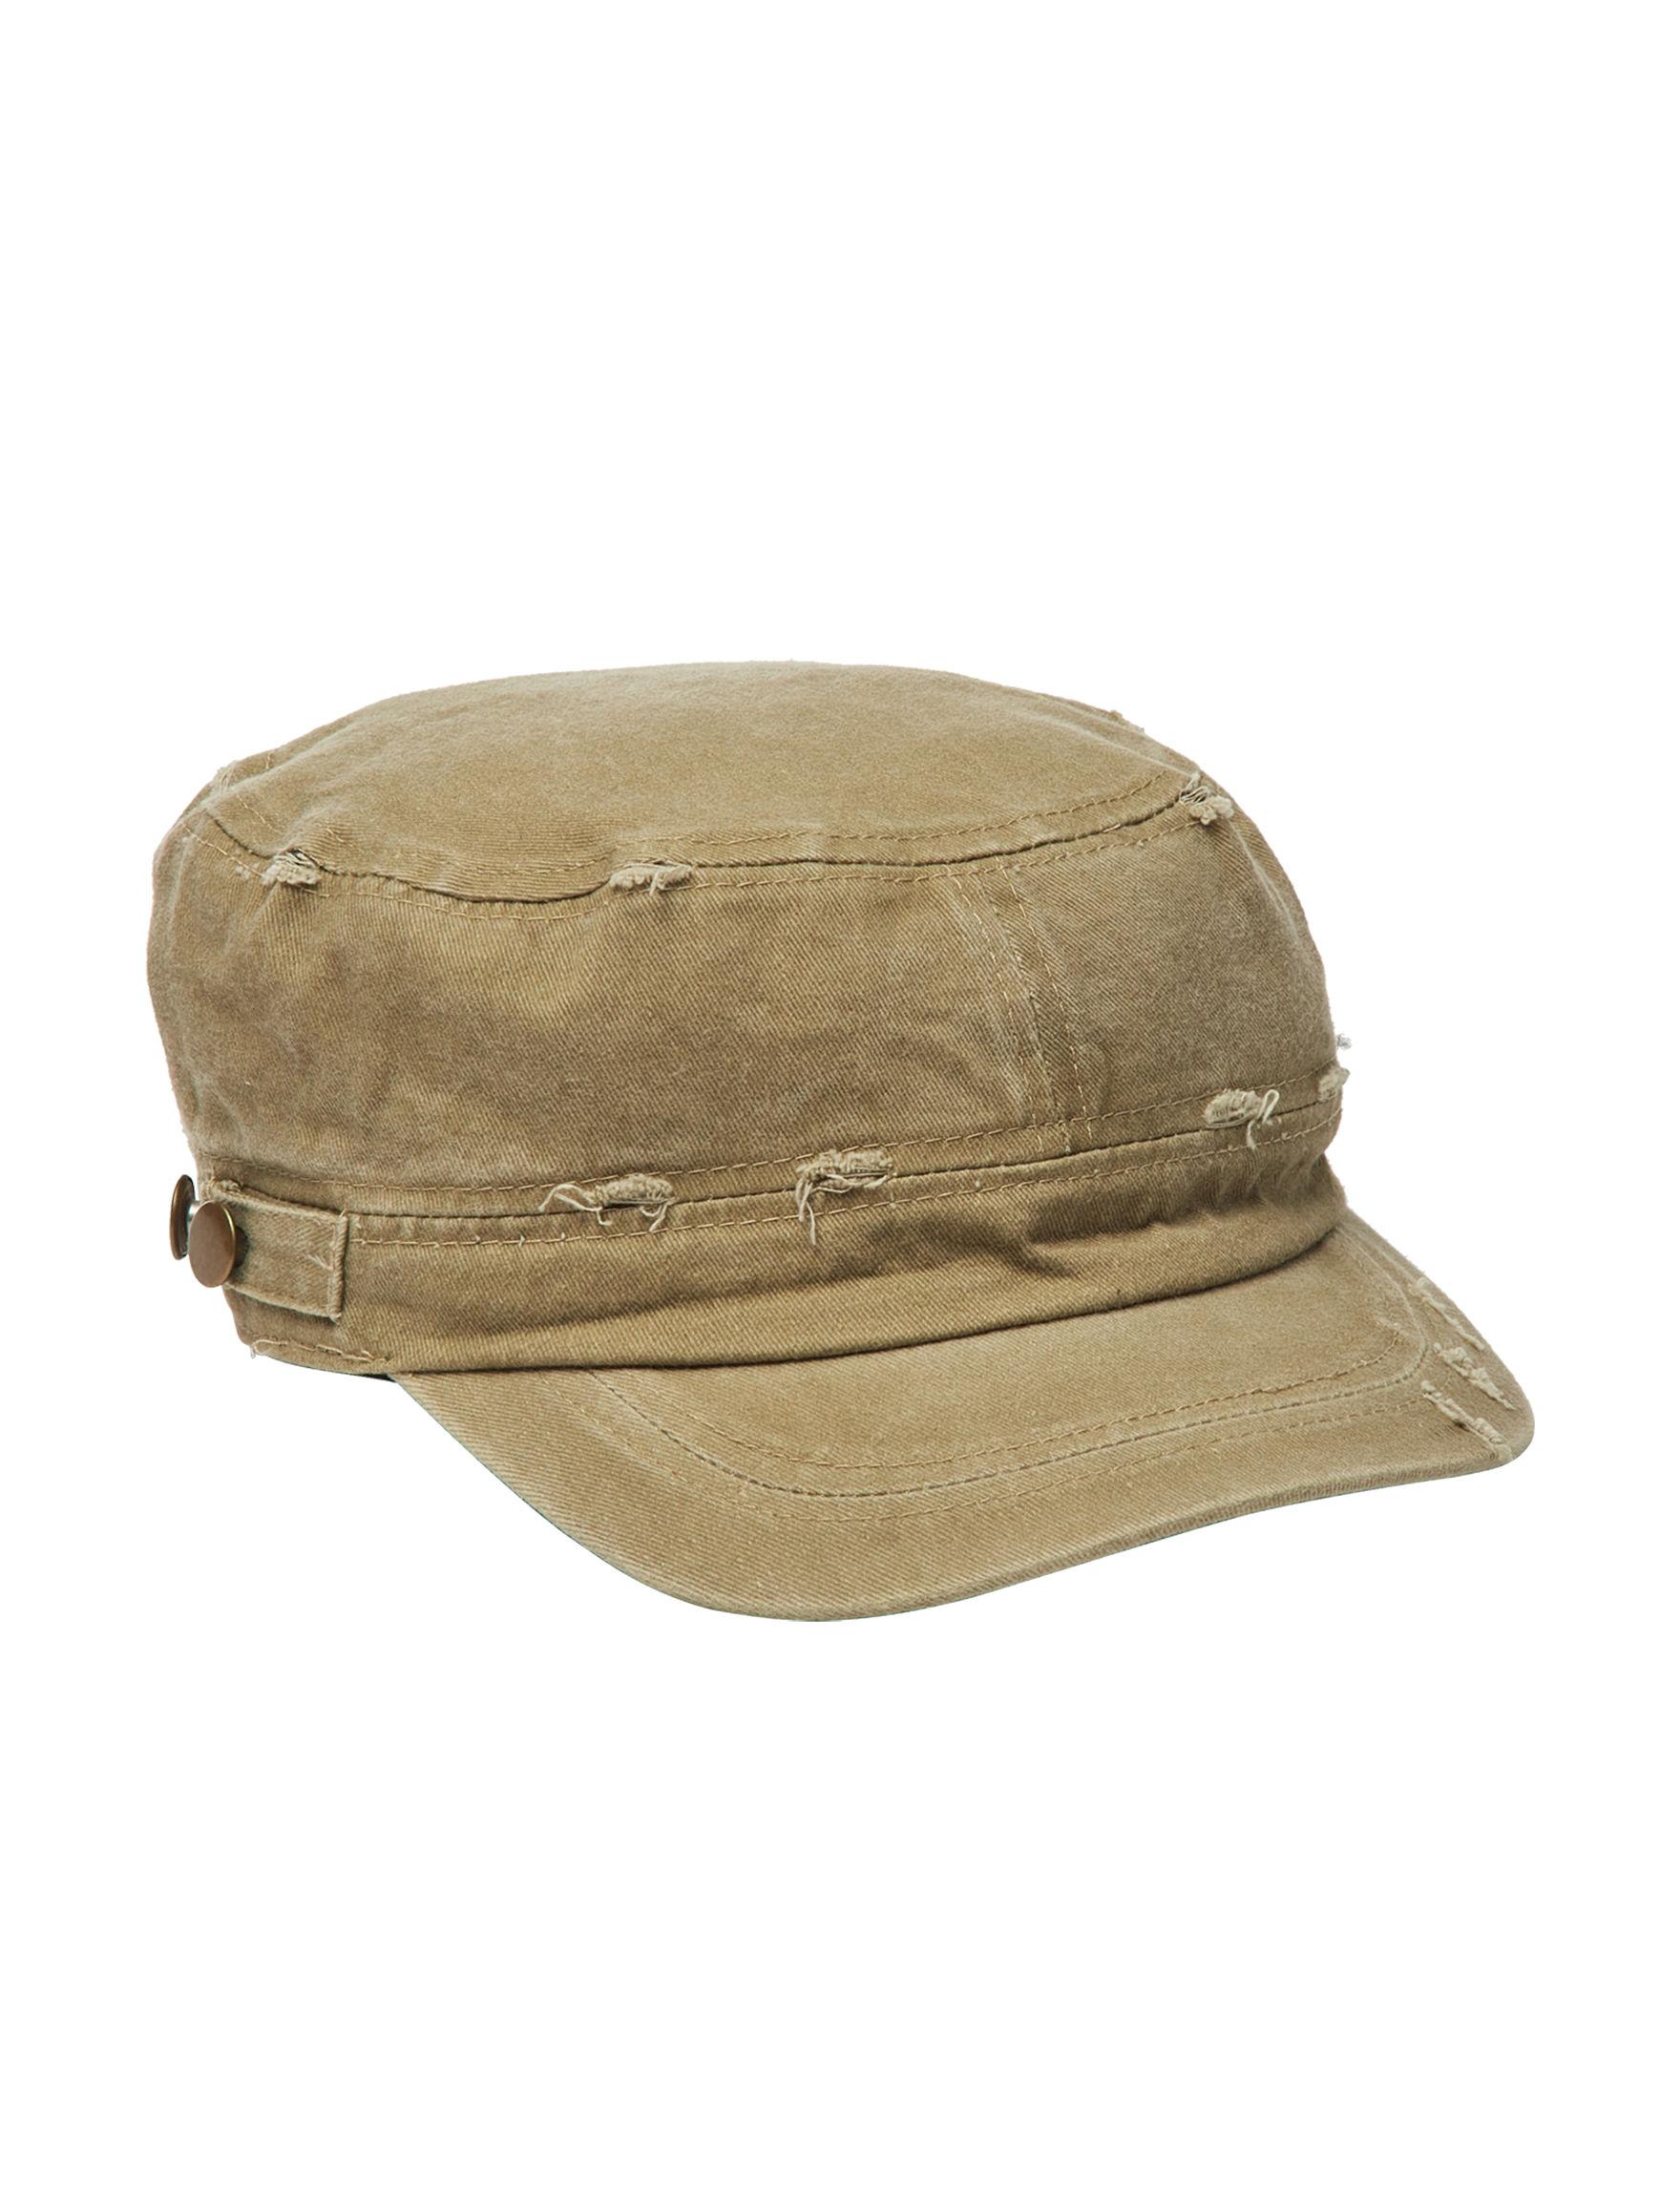 David & Young Dark Khaki Hats & Headwear